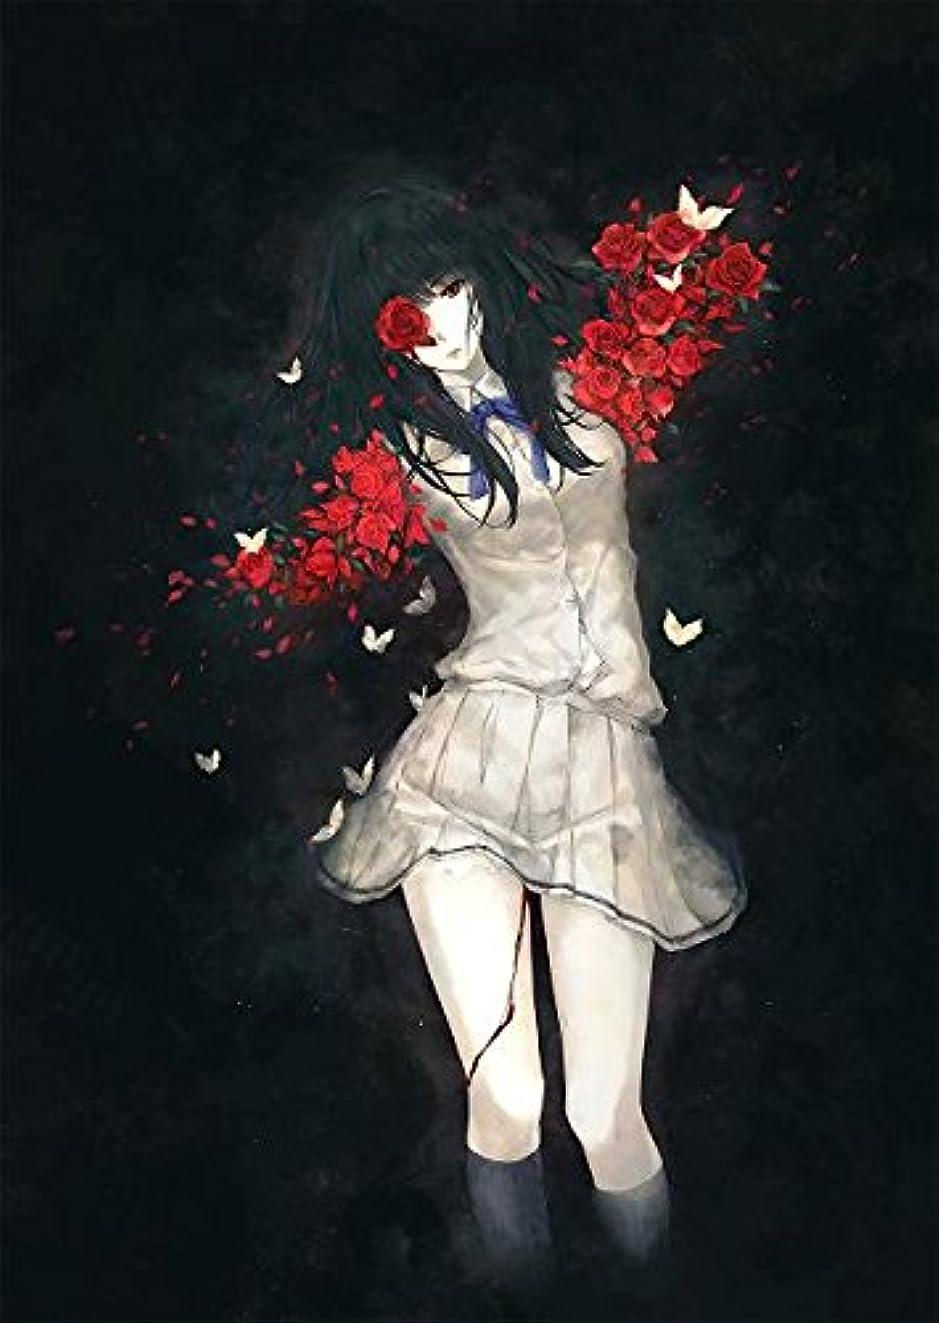 定期的危険を冒します真鍮杉菜水姫(スギナミキ)作品第二集『花葬』【書籍】